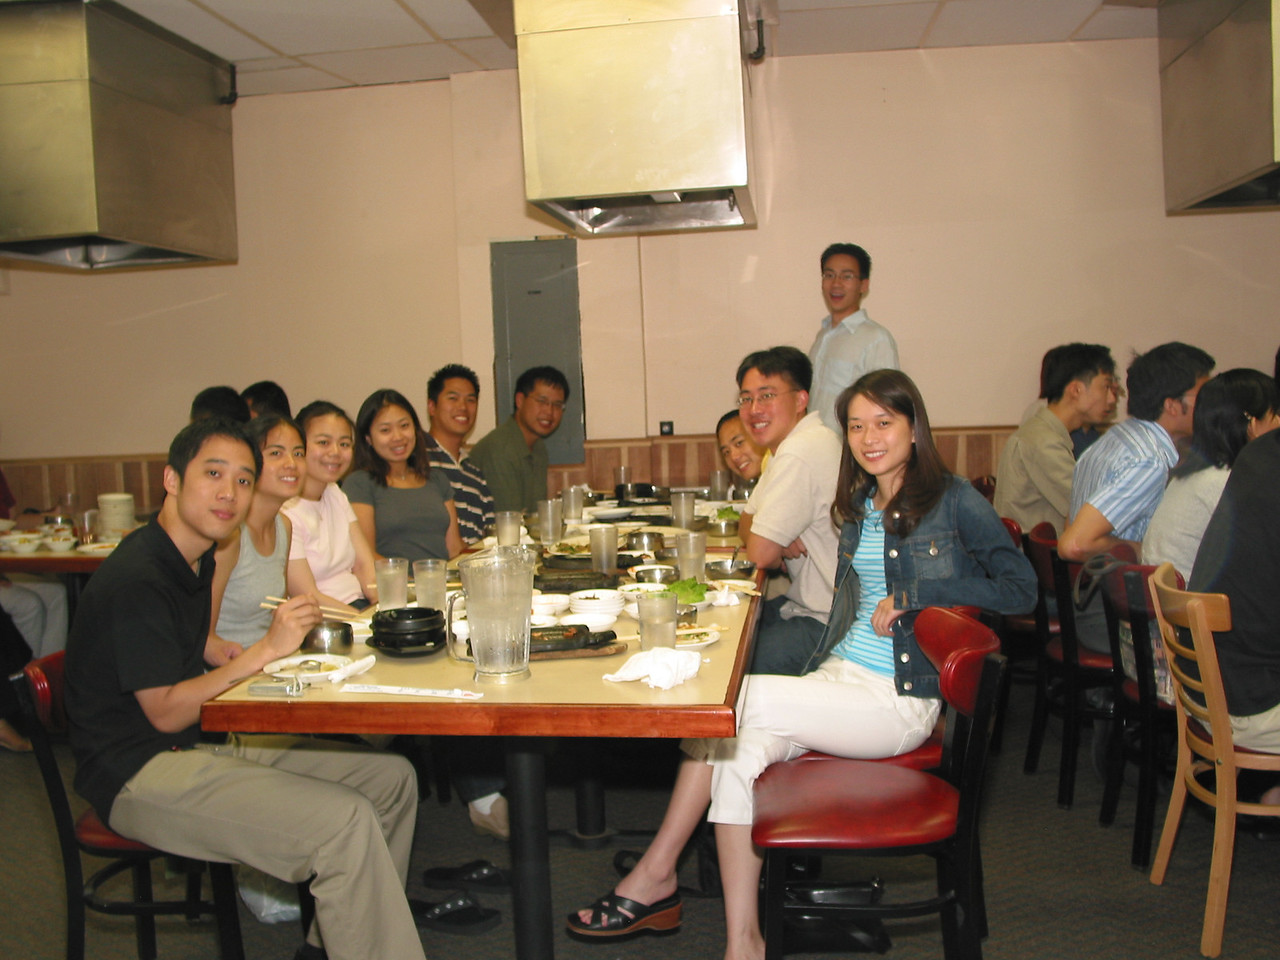 2004 08 06 Friday - Group pic 1 @ Koryo's BBQ